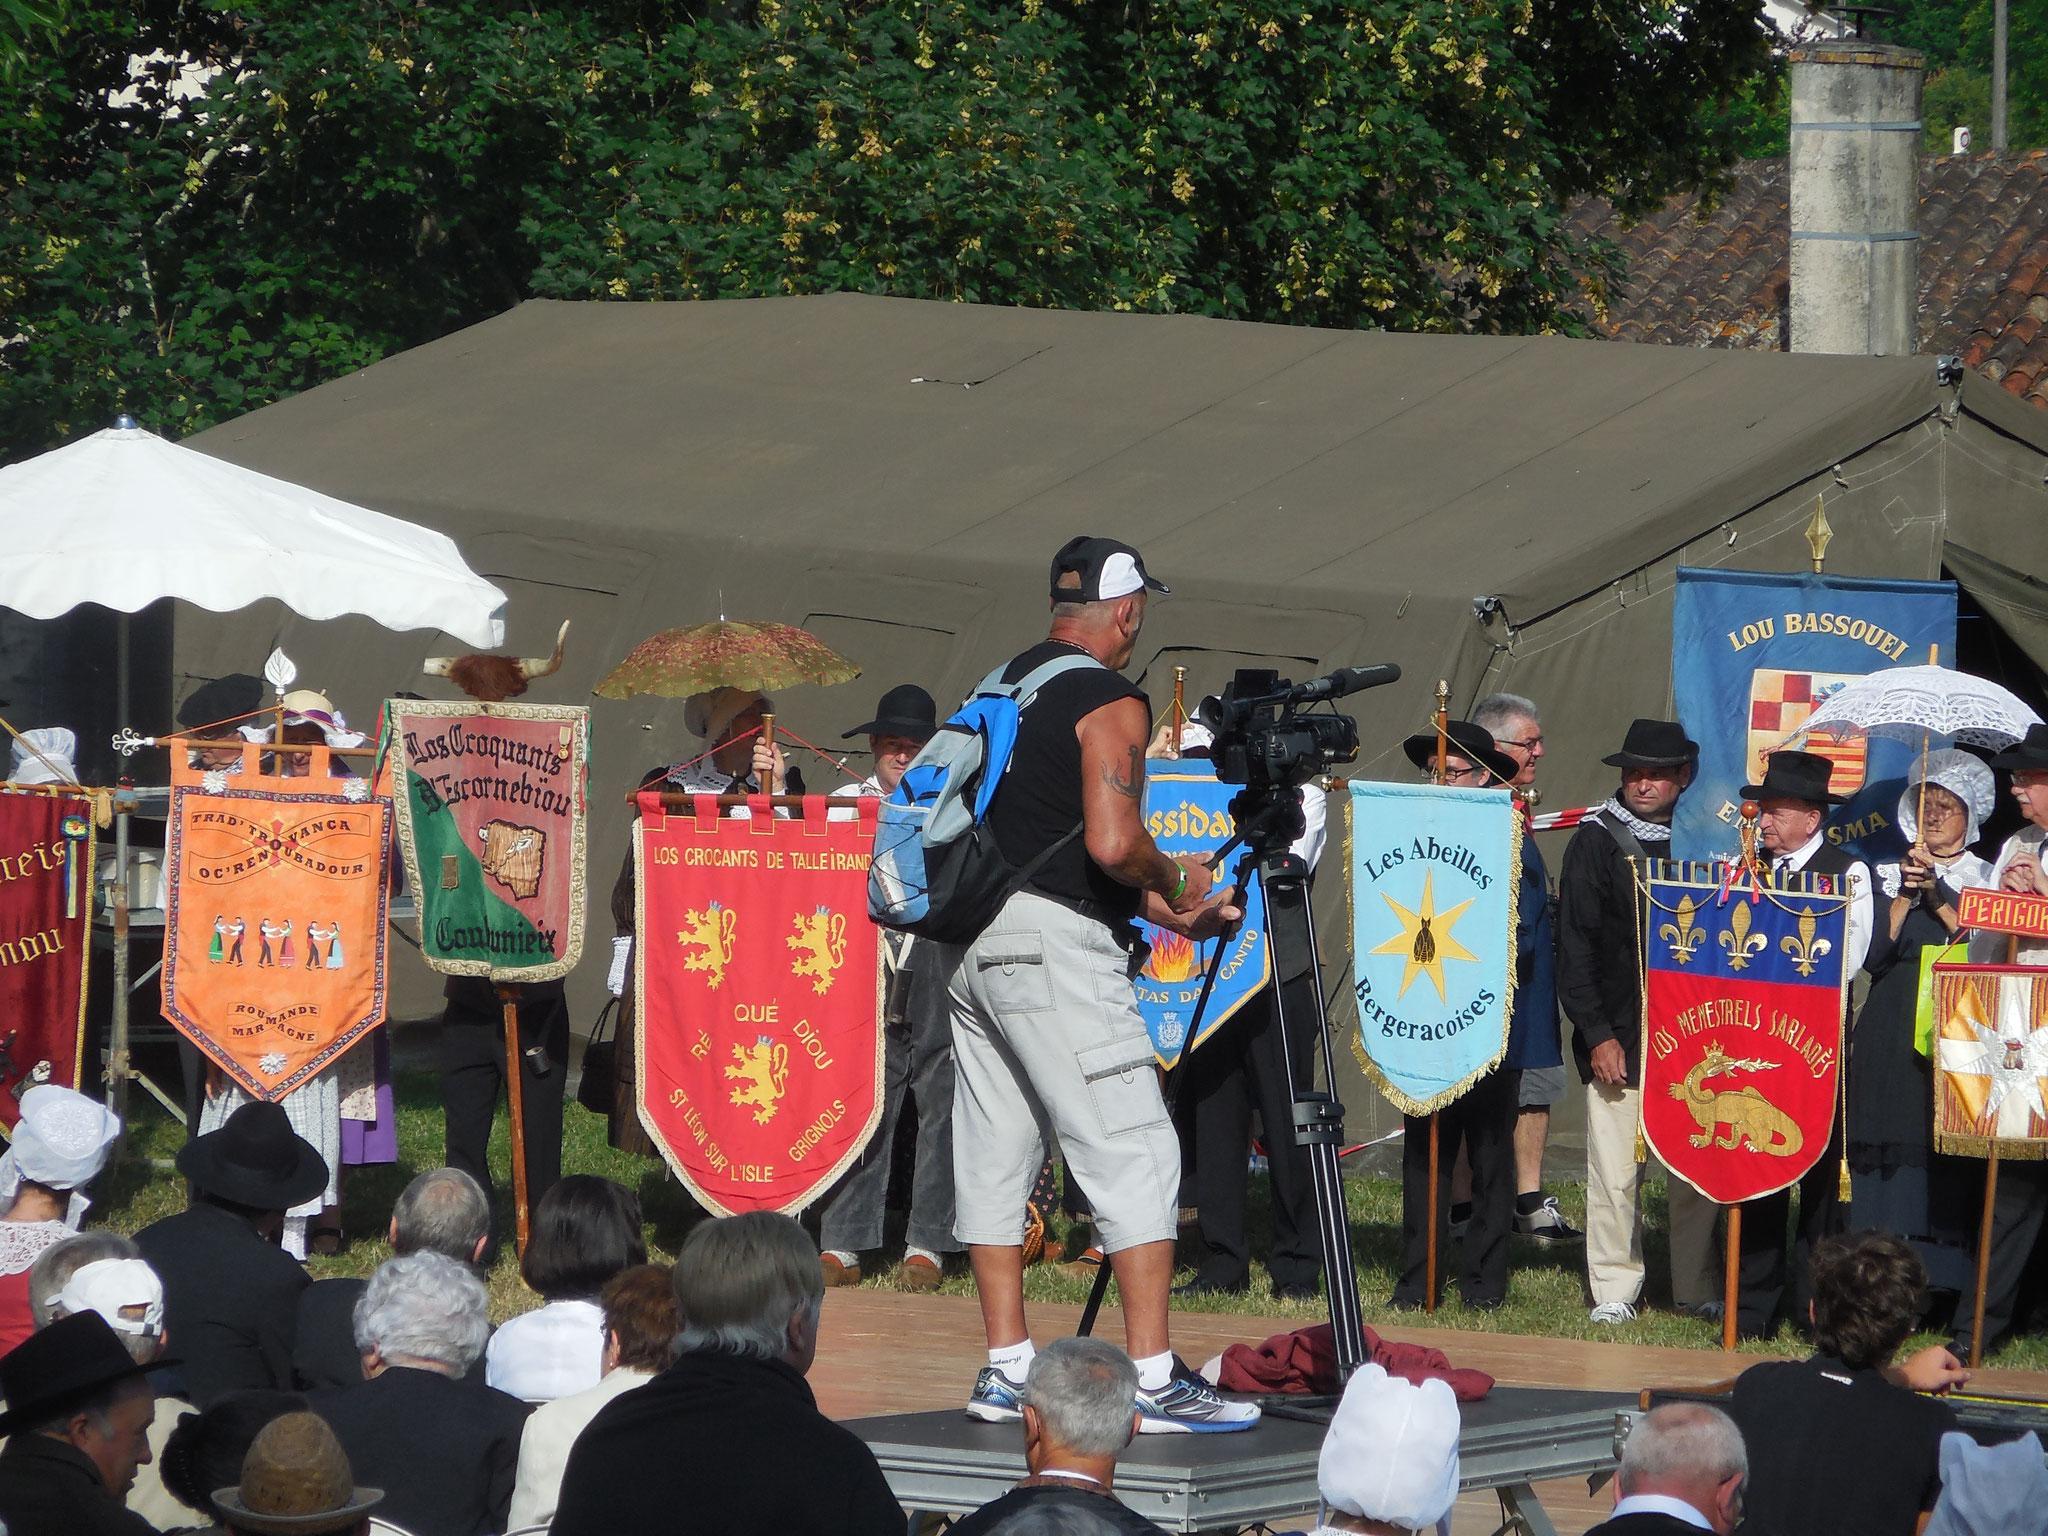 félibreefête de l'occitanie en  dordogne événement culture découverte occitan culture régionale groupe folklorique les ménestrels sarladais